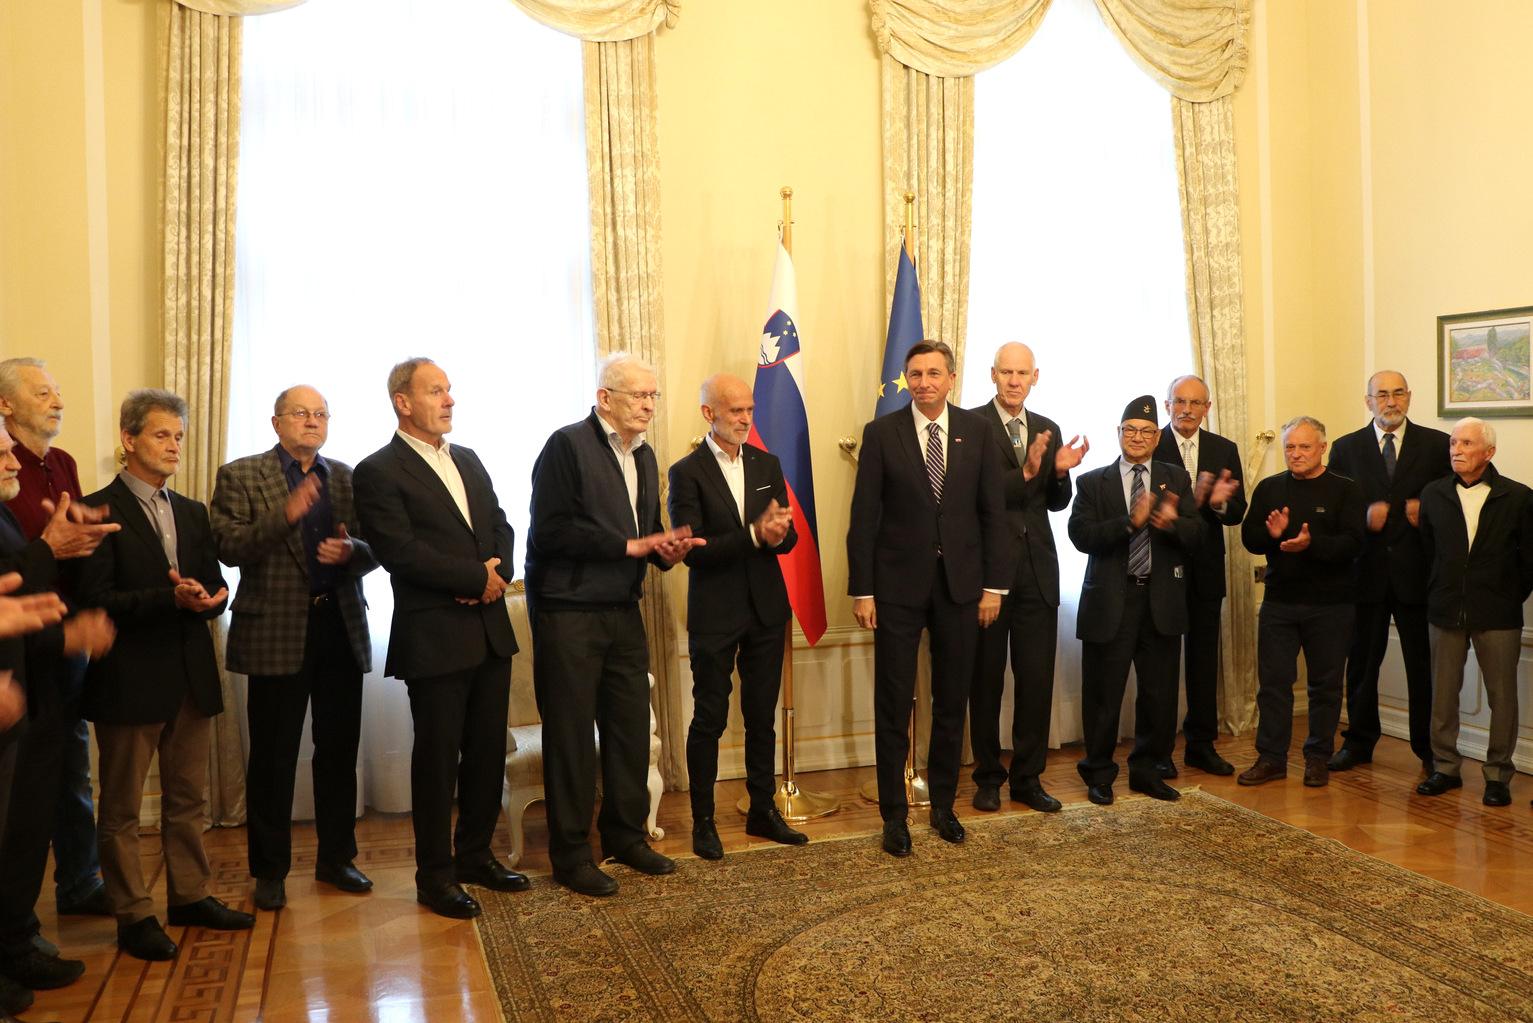 everest40_predsednik_sprejem_foto_manca_cujez